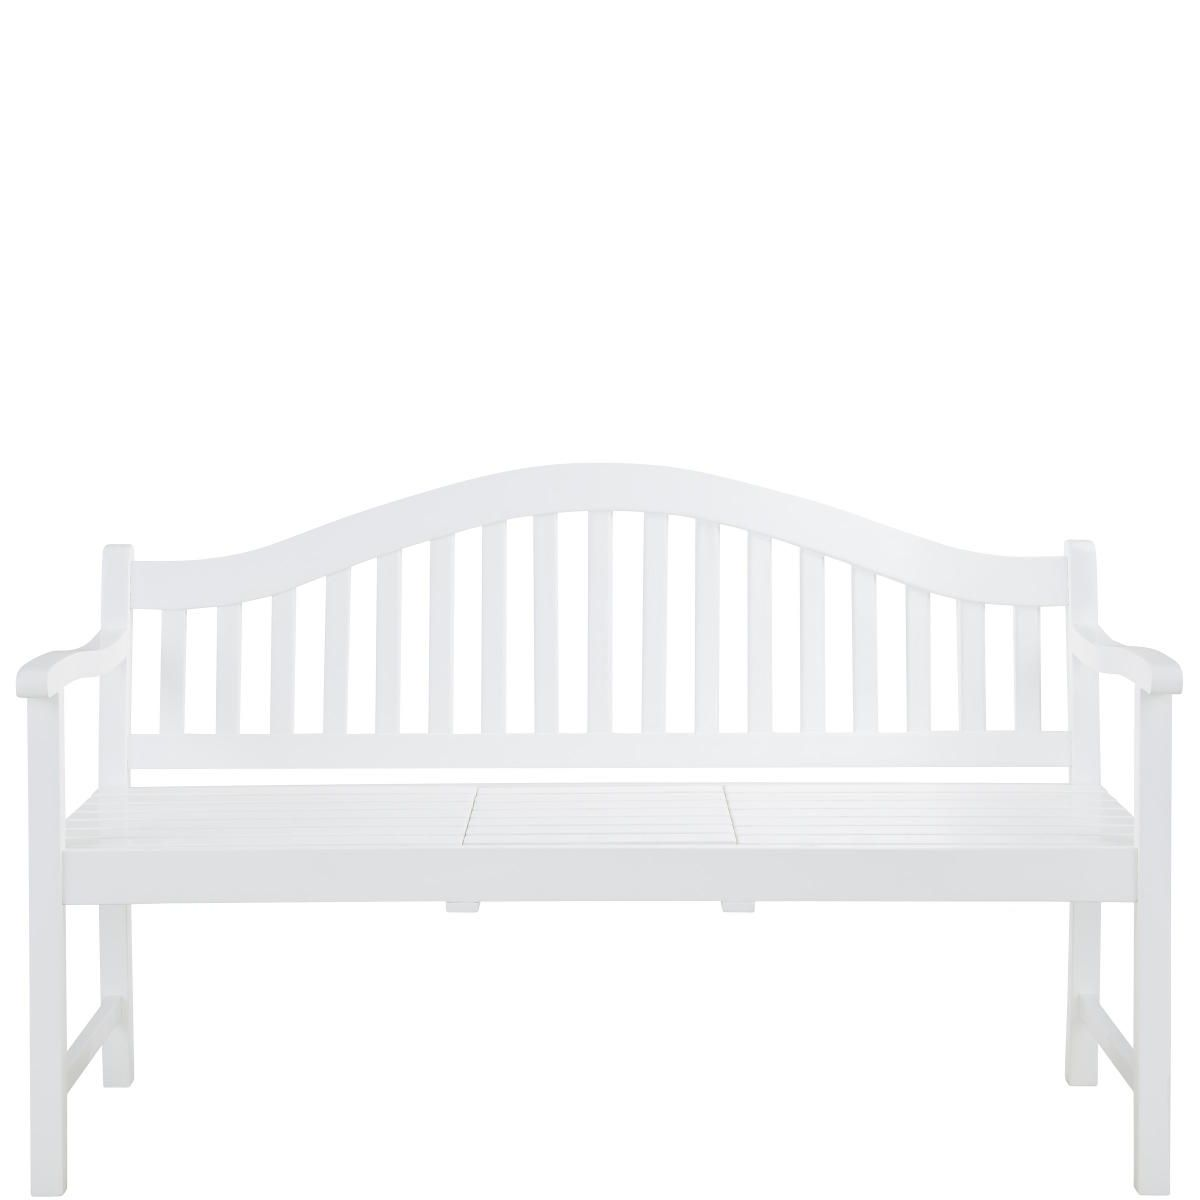 Banquette Bank Mit Aufklappbarem Tisch Butlers Ausklappbarer Tisch Gartenmobel Online Mobel